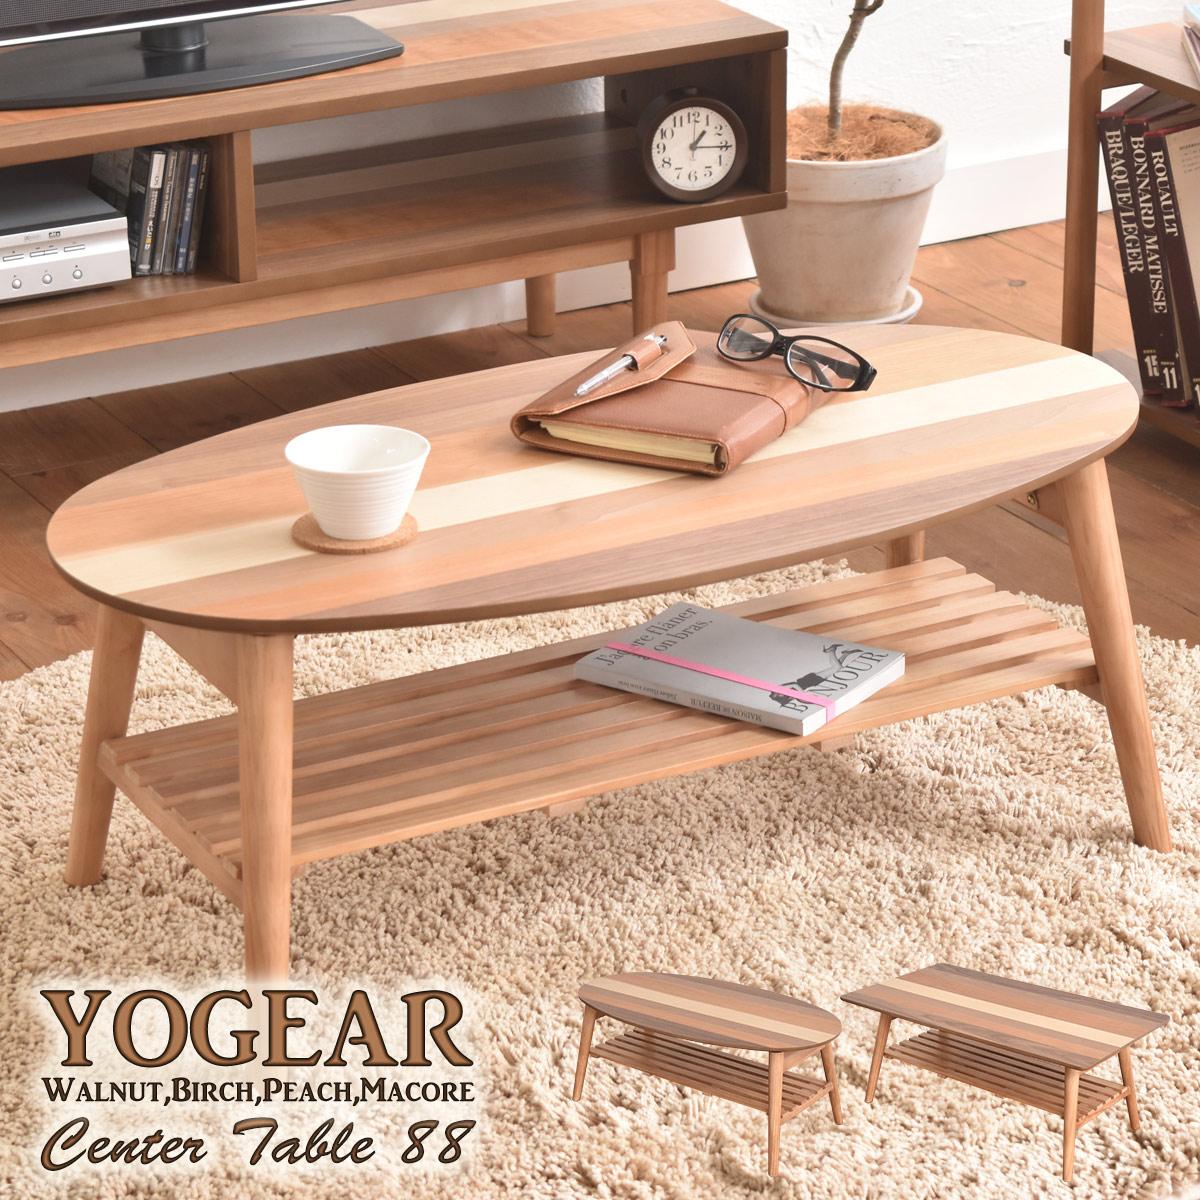 送料無料 テーブル 折りたたみ 棚付き 幅88cm ウォールナット センターテーブル ローテーブル リビングテーブル 北欧 折畳テーブル 木製 折れ脚 天然木 可愛い おしゃれ 折り畳み式 オーバル スクエア 机 作業台 寄木 かわいい